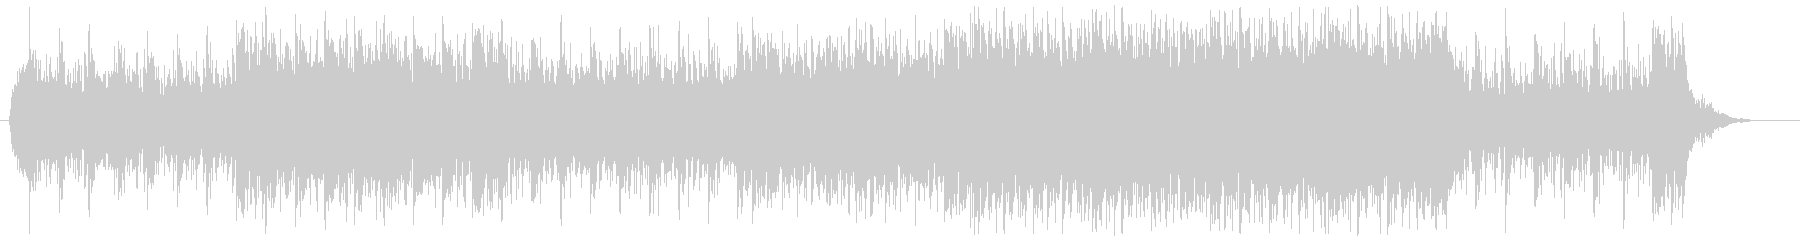 EDM系のミステリアスな楽曲の未再生の波形